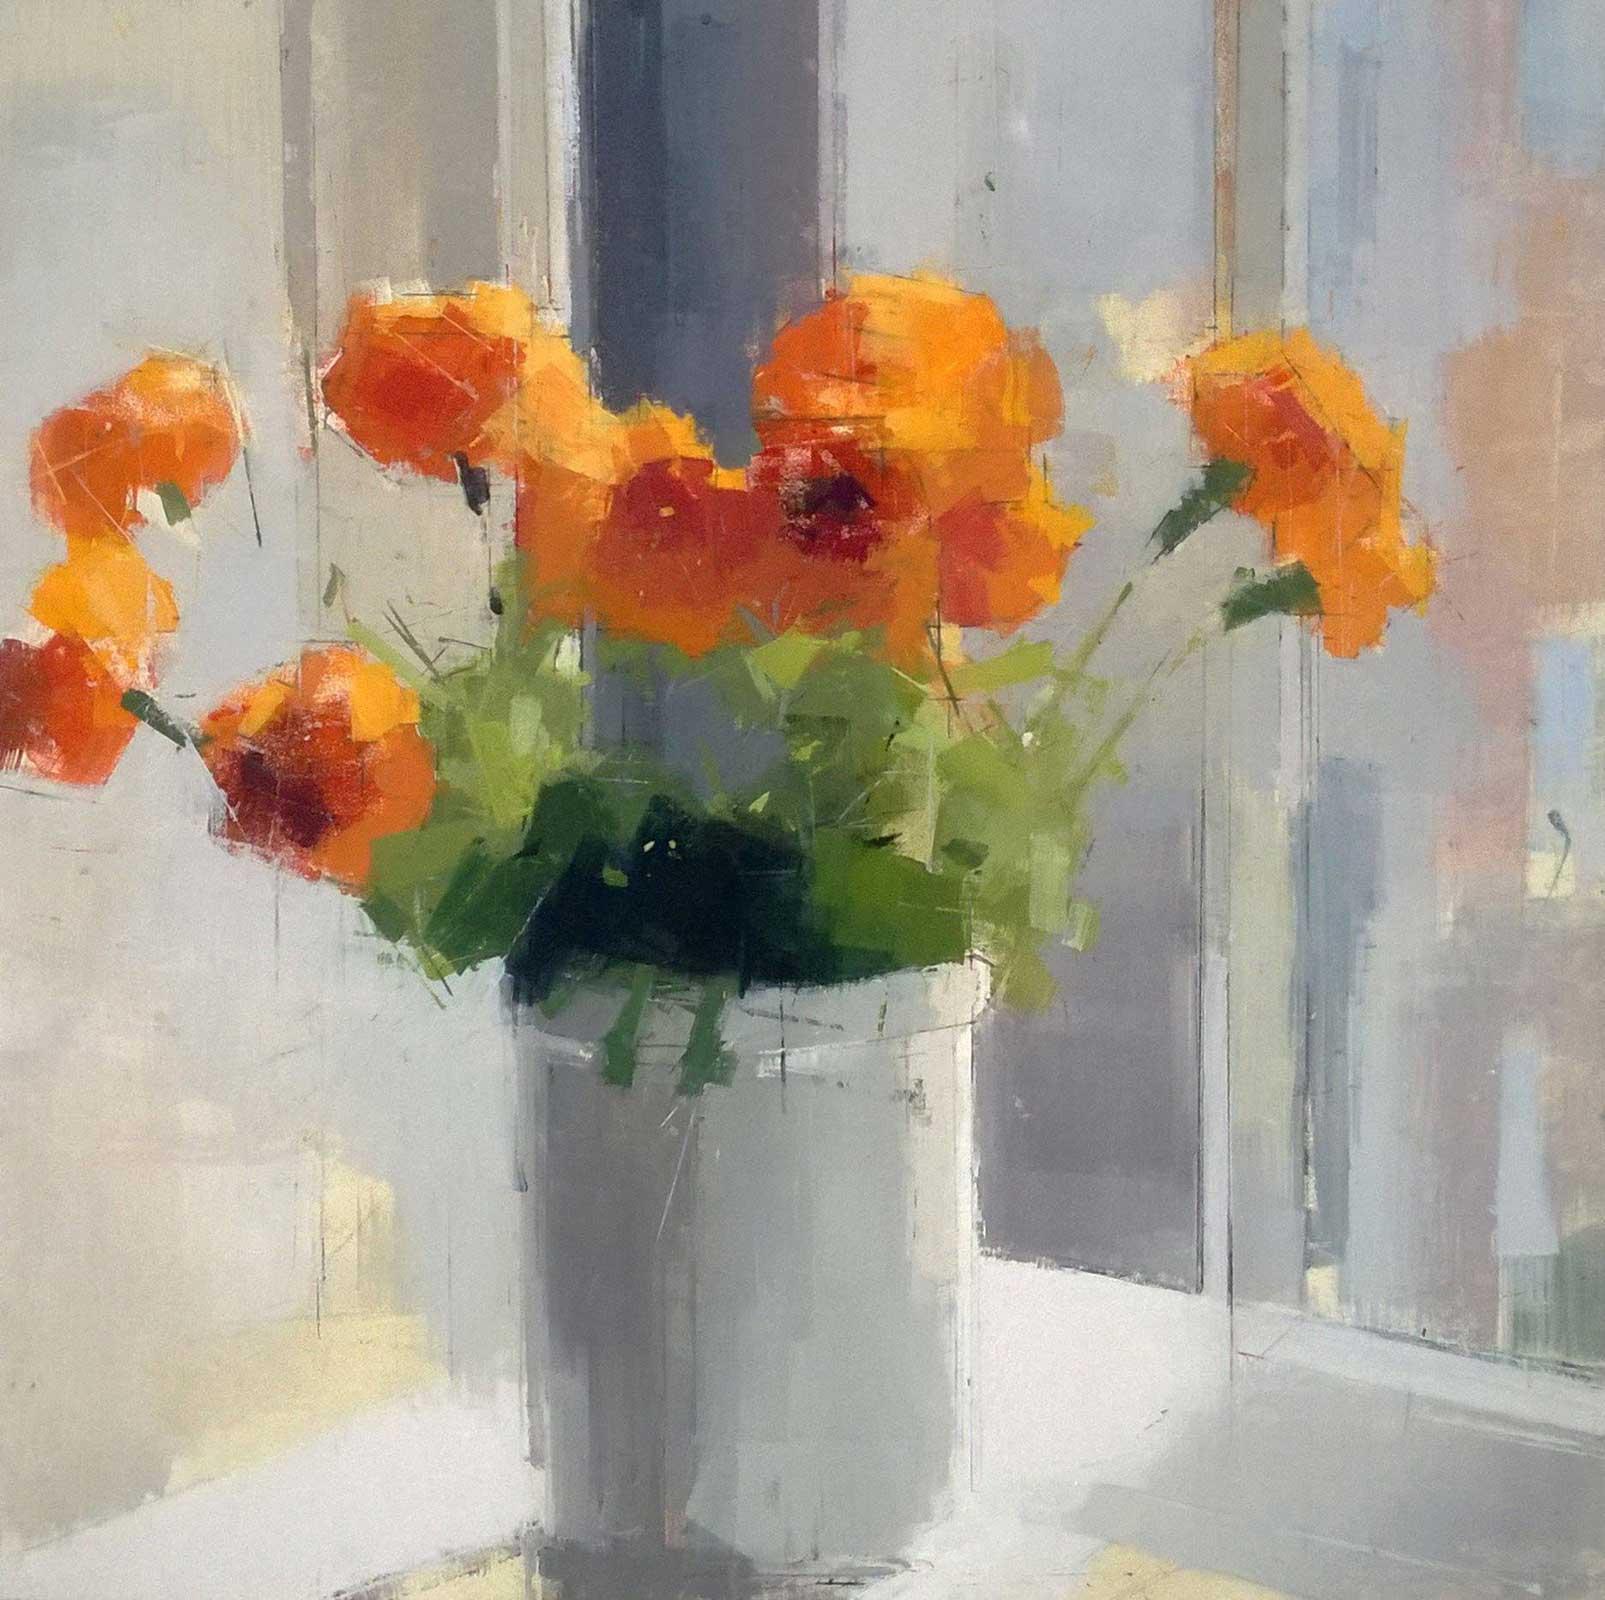 Lisa Breslow, <em>Orange Flowers</em>